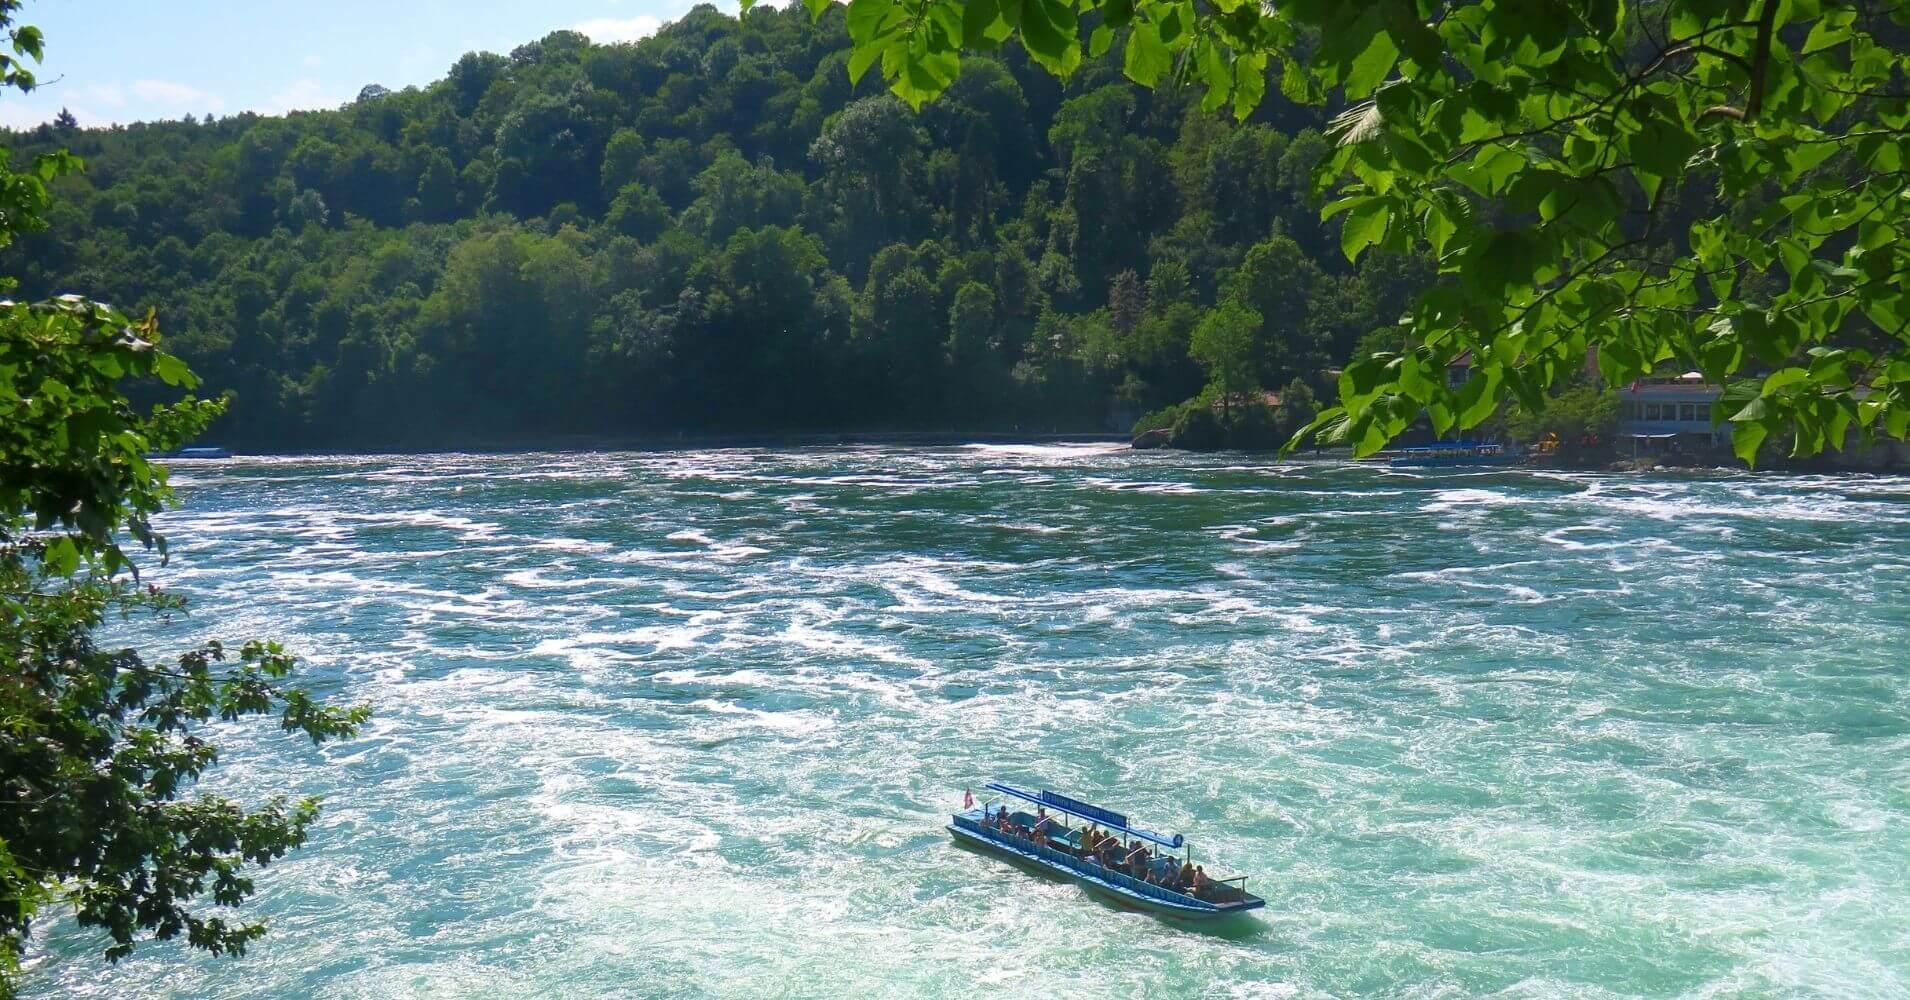 Rheinfall, Salto del Rin. Schffhausen. Suiza.